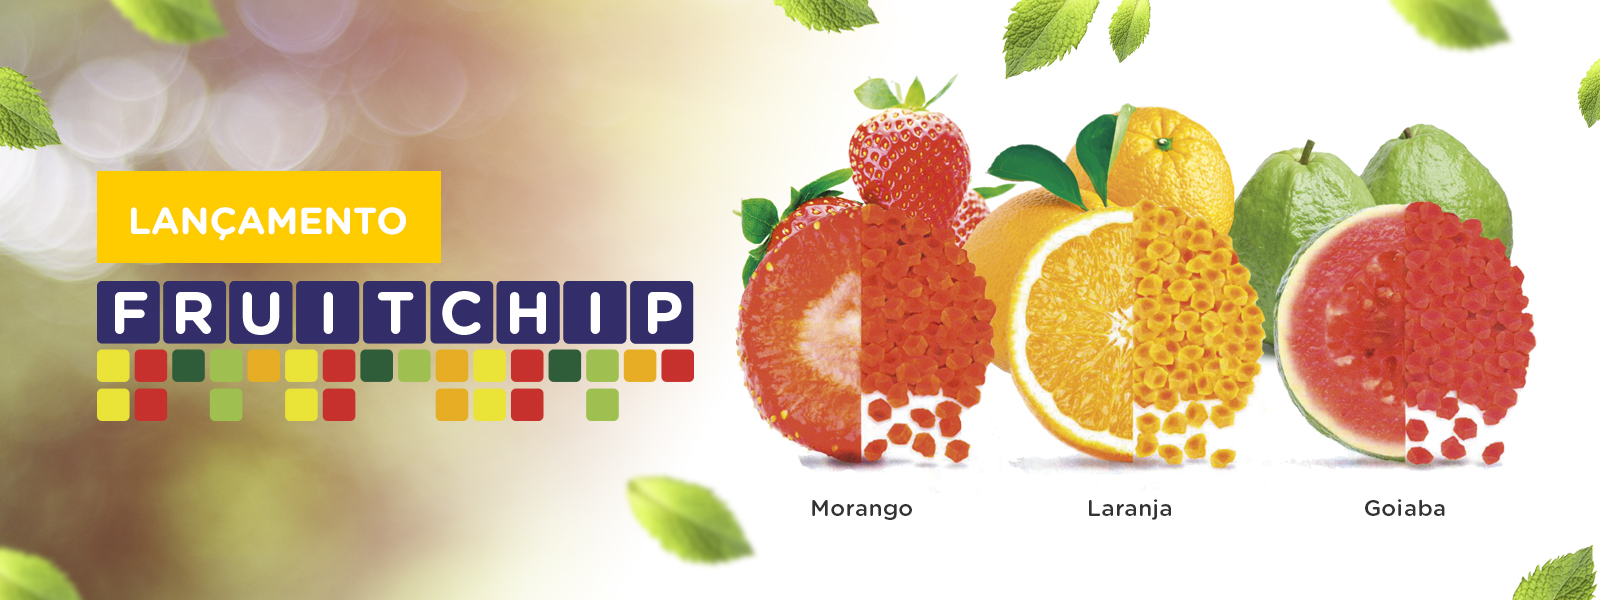 banner-fruitchip